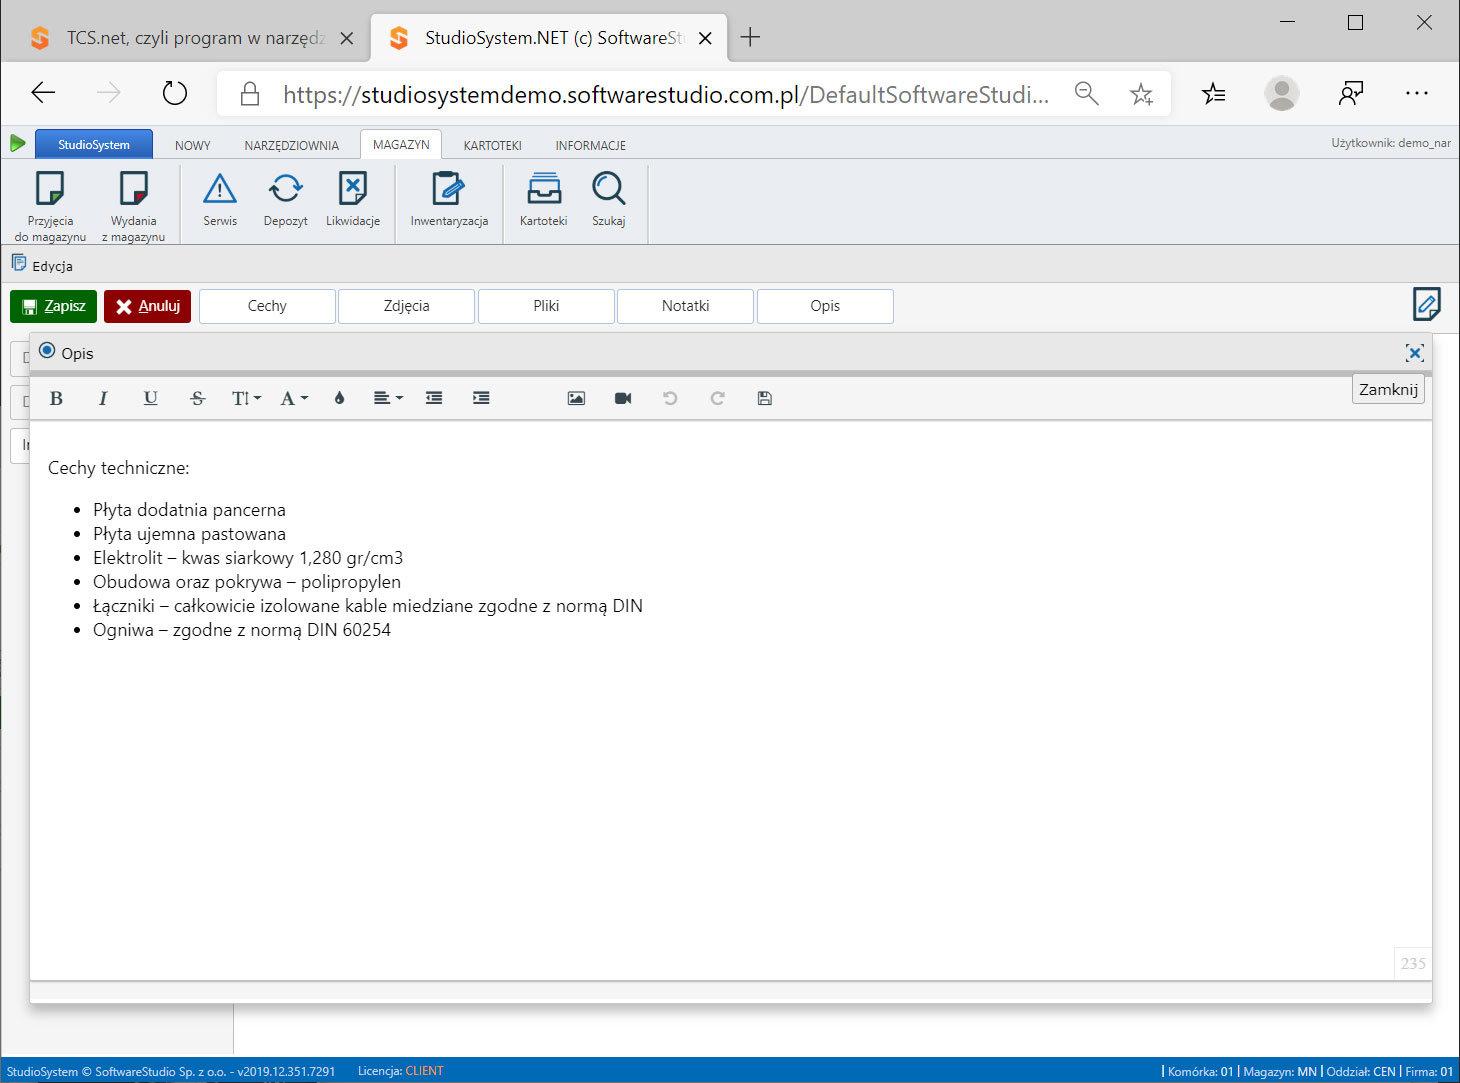 narzędzia-rfid Narzędzia.net